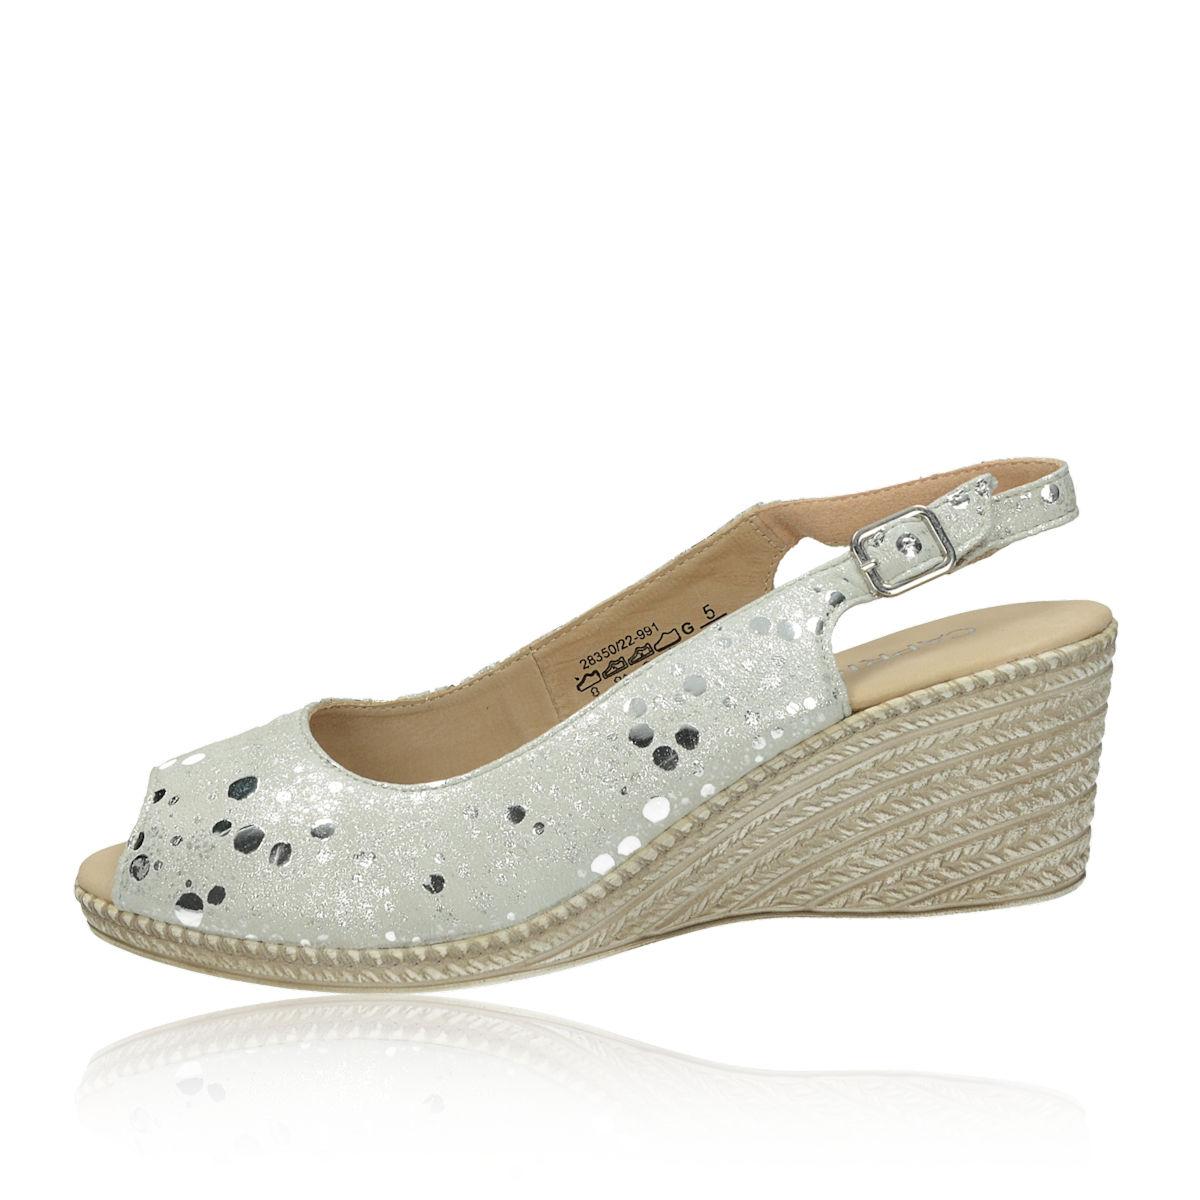 6c98db6205 ... Caprice dámske kožené sandále na klinovej podrážke - strieborné ...